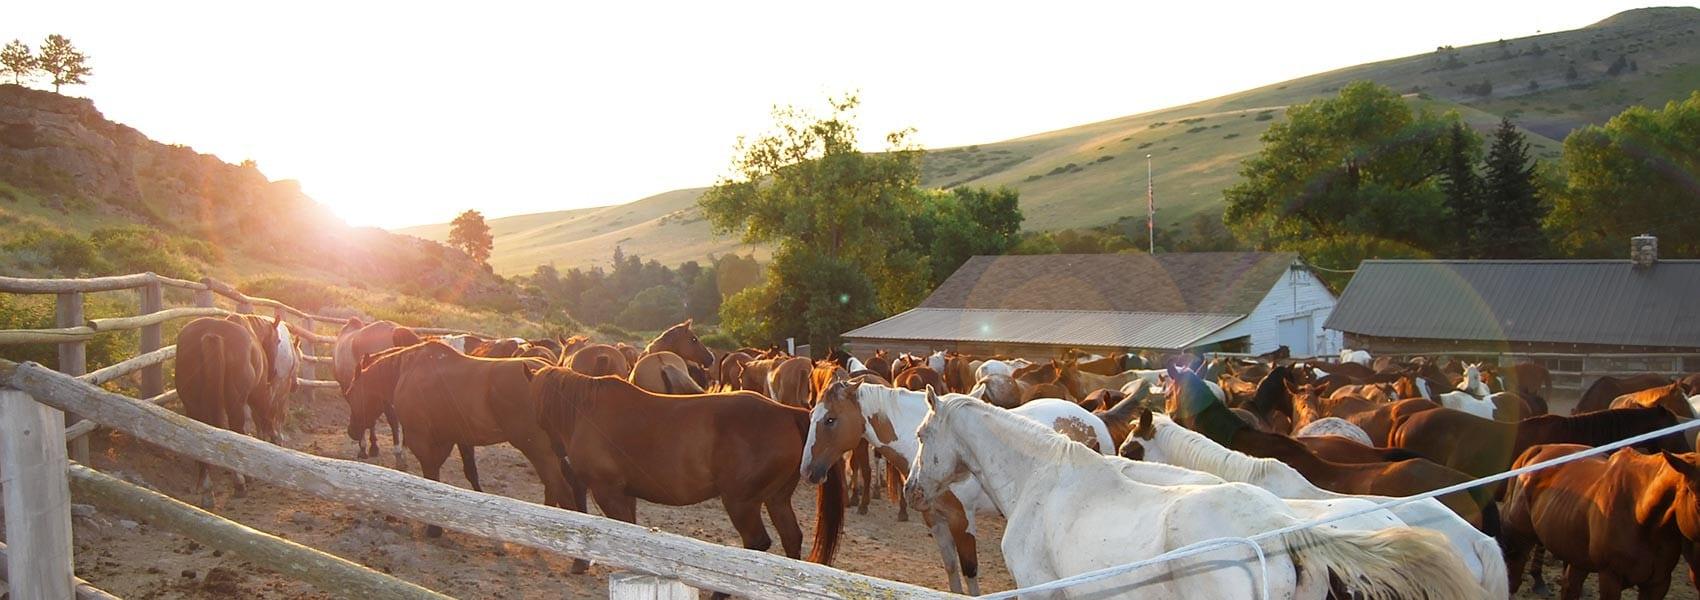 horses at Eatons' Ranch